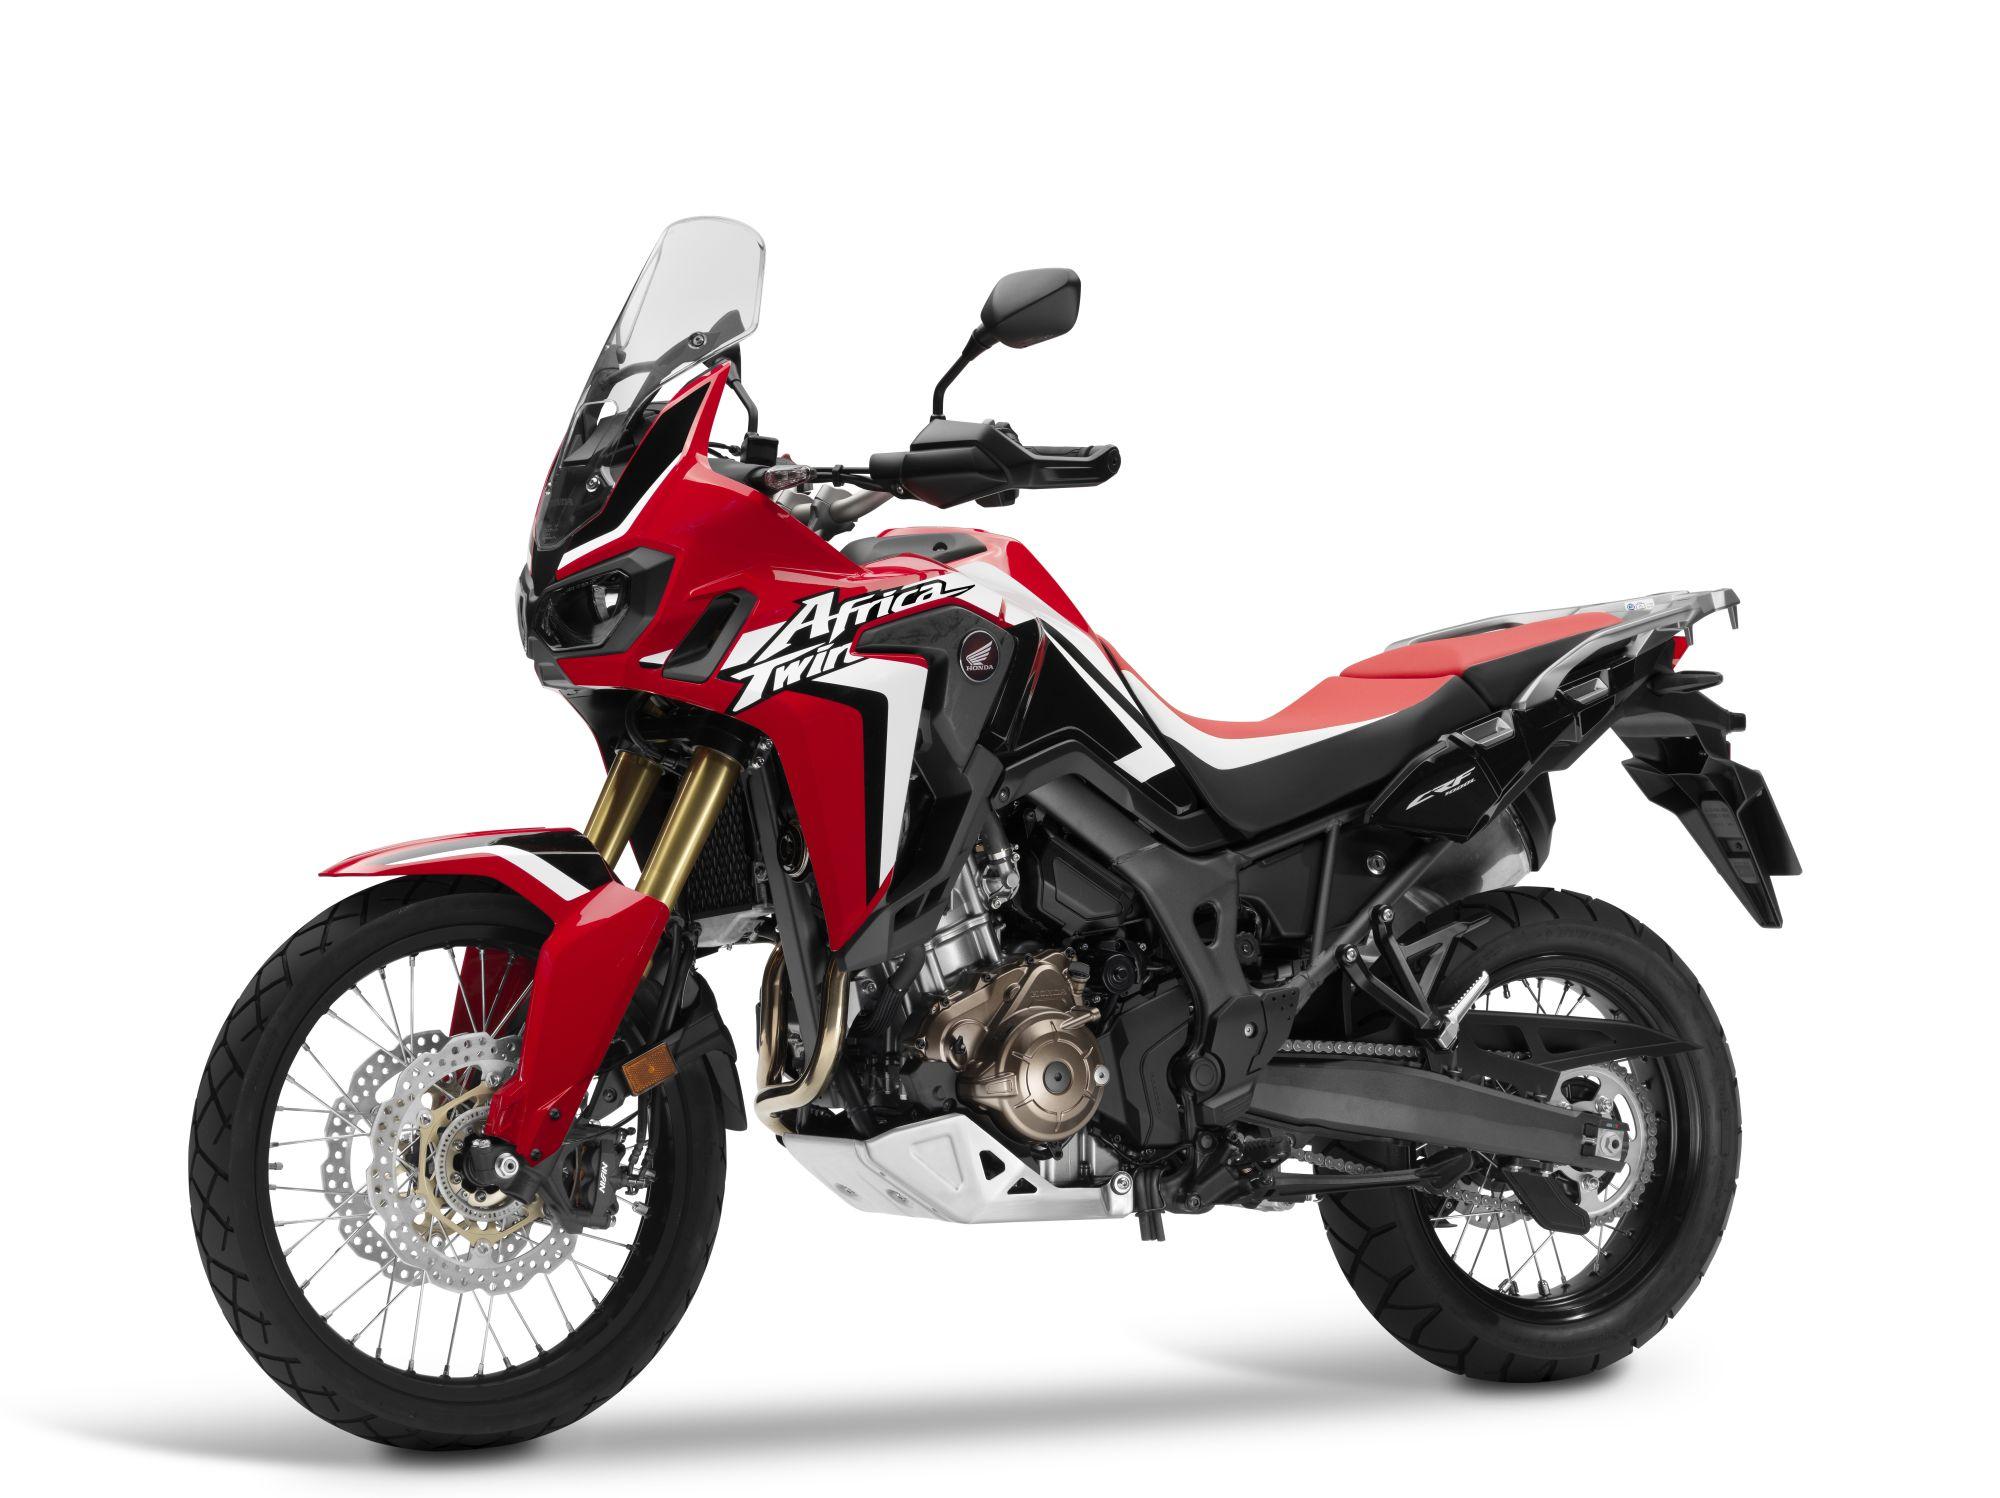 Gebrauchte Honda CRF1000L Africa Twin Motorräder kaufen